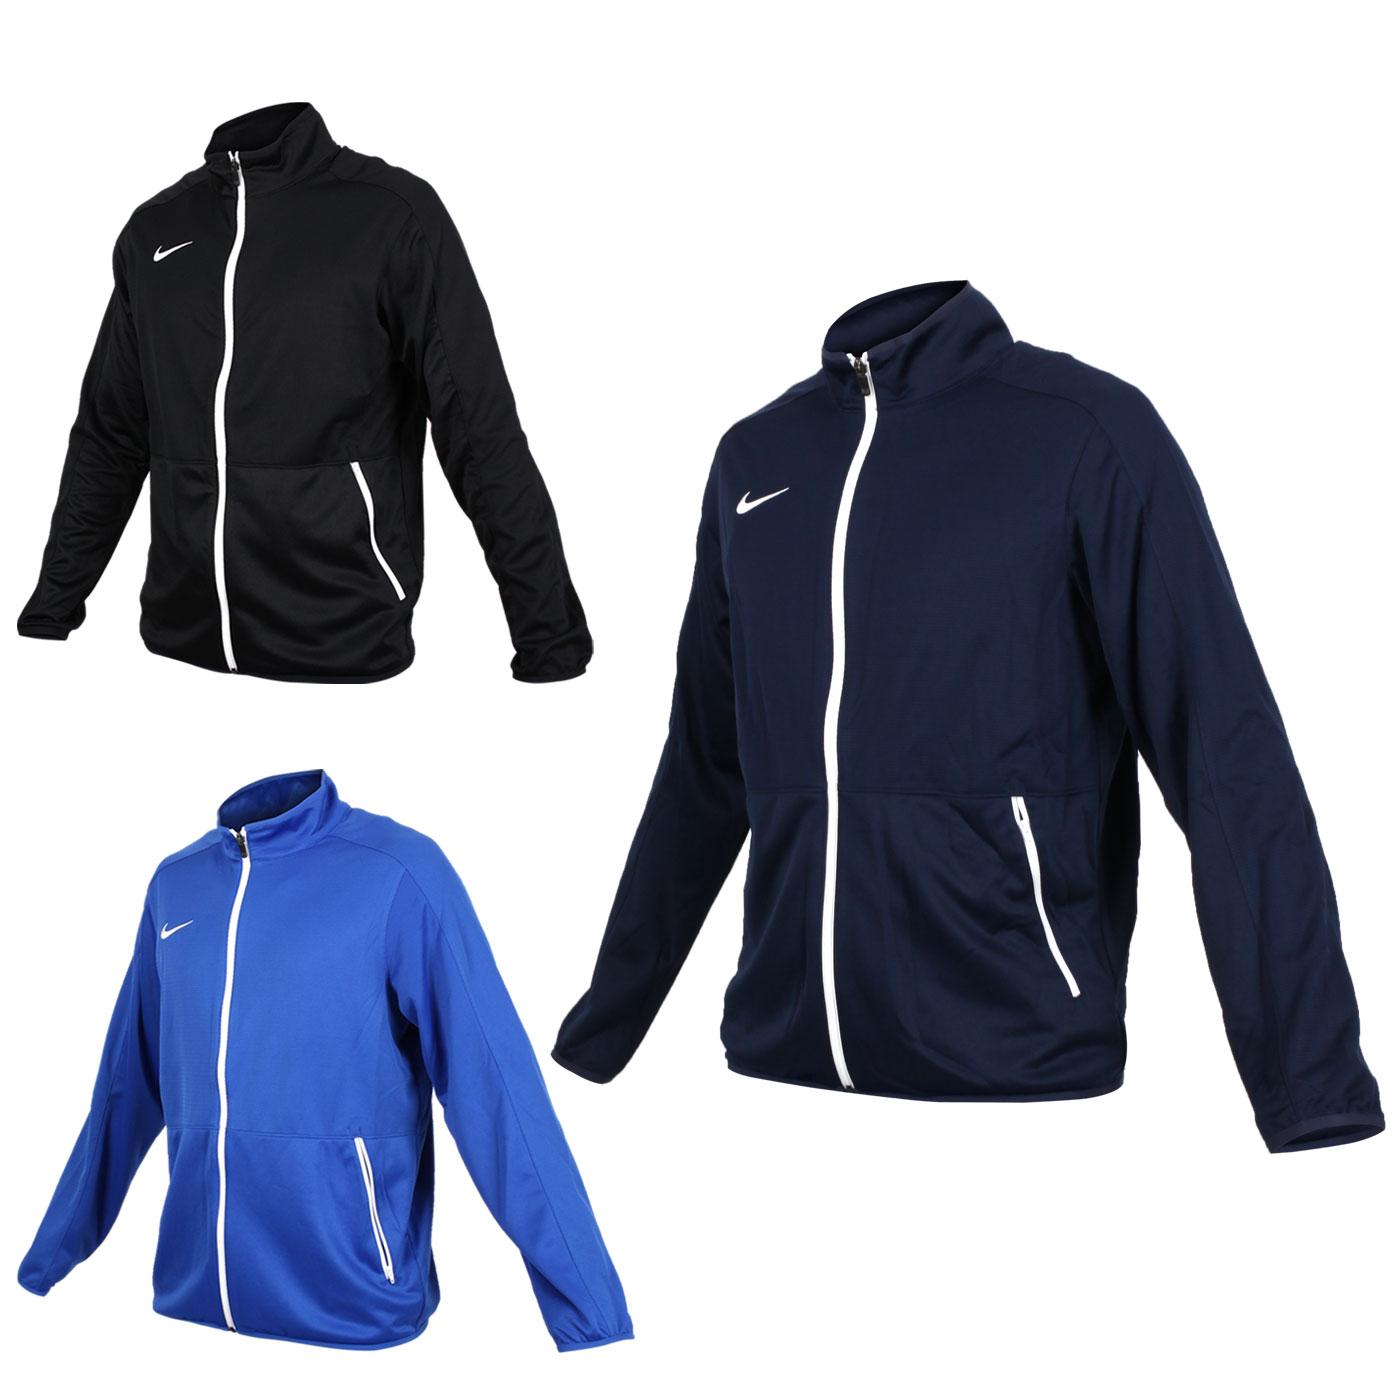 NIKE 男針織籃球夾克(立領外套 慢跑 路跑【03391201】≡排汗專家≡